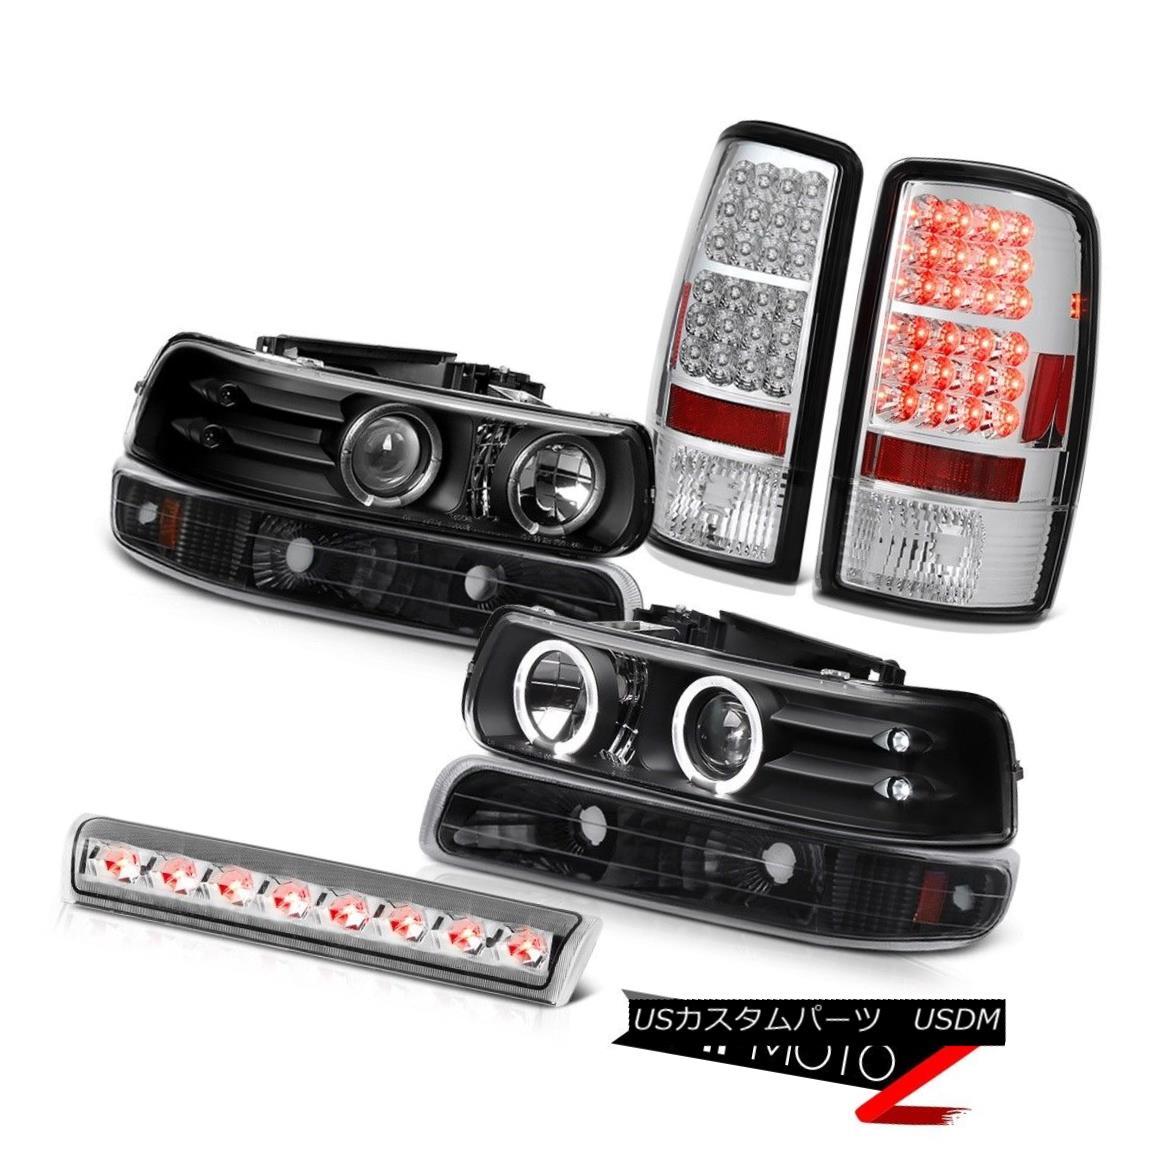 ヘッドライト Black Angel Eye Headlight Matte Parking Taillamp Brake Cargo 00-06 Tahoe LS ブラックエンジェルアイヘッドライトマットパーキングTaillampブレーキカーゴ00-06タホLS